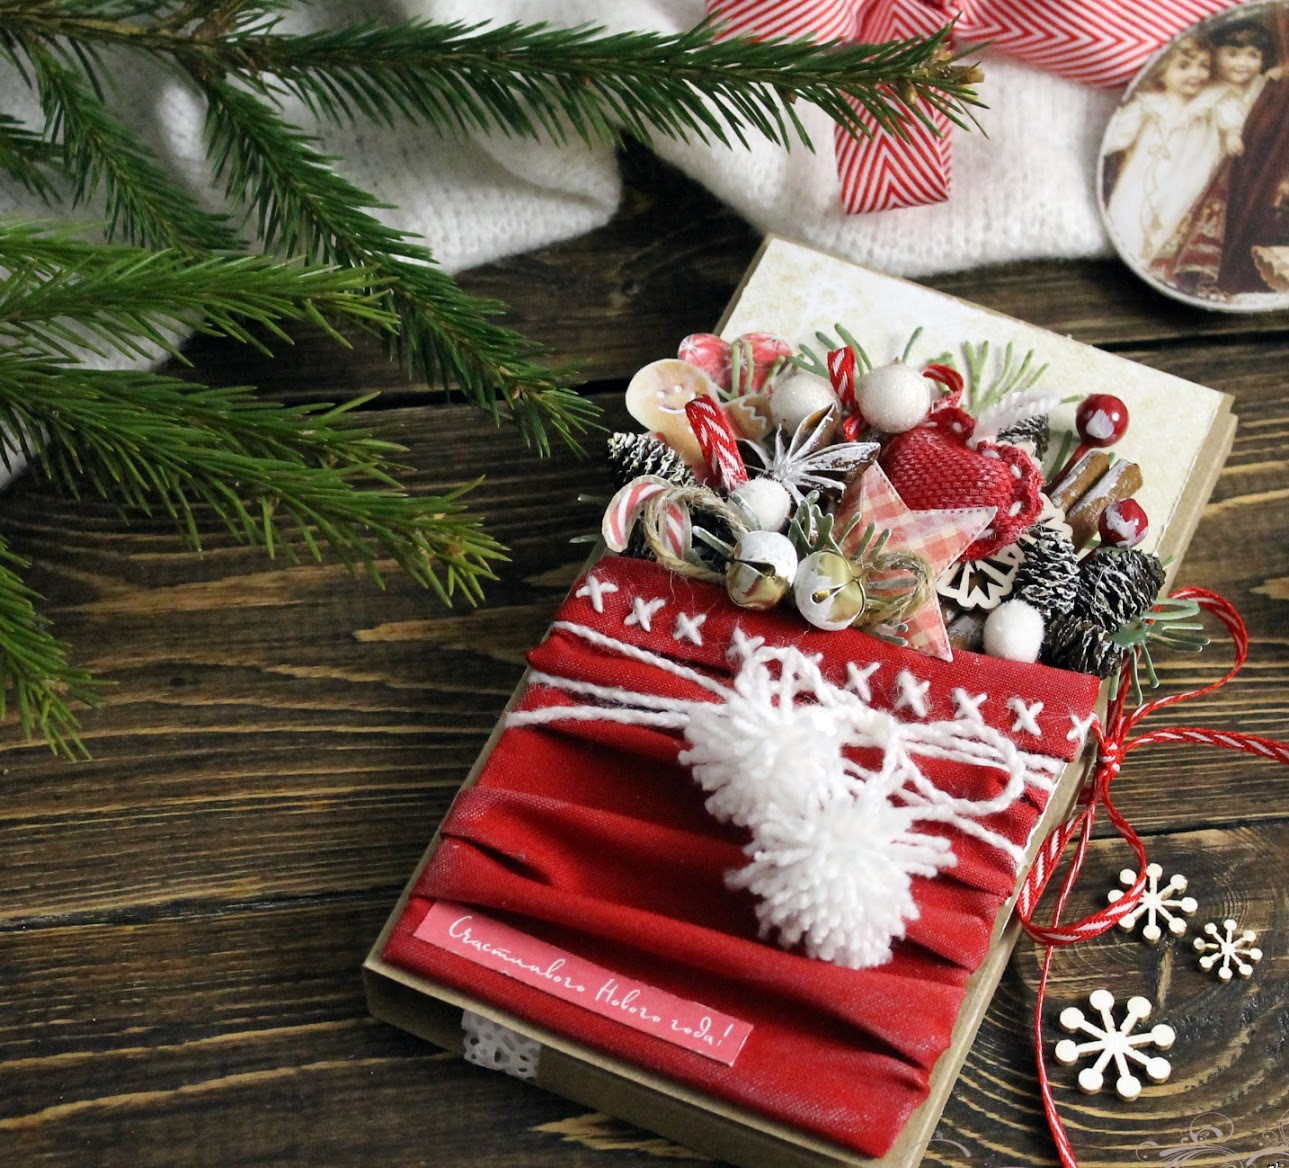 82efa6b2904476d ... в праздничной упаковке, коробка шоколадных конфет, красиво оформленная  коробка зефира или мармелада, печенье в жестяной нарядной банке с рисунком  ...